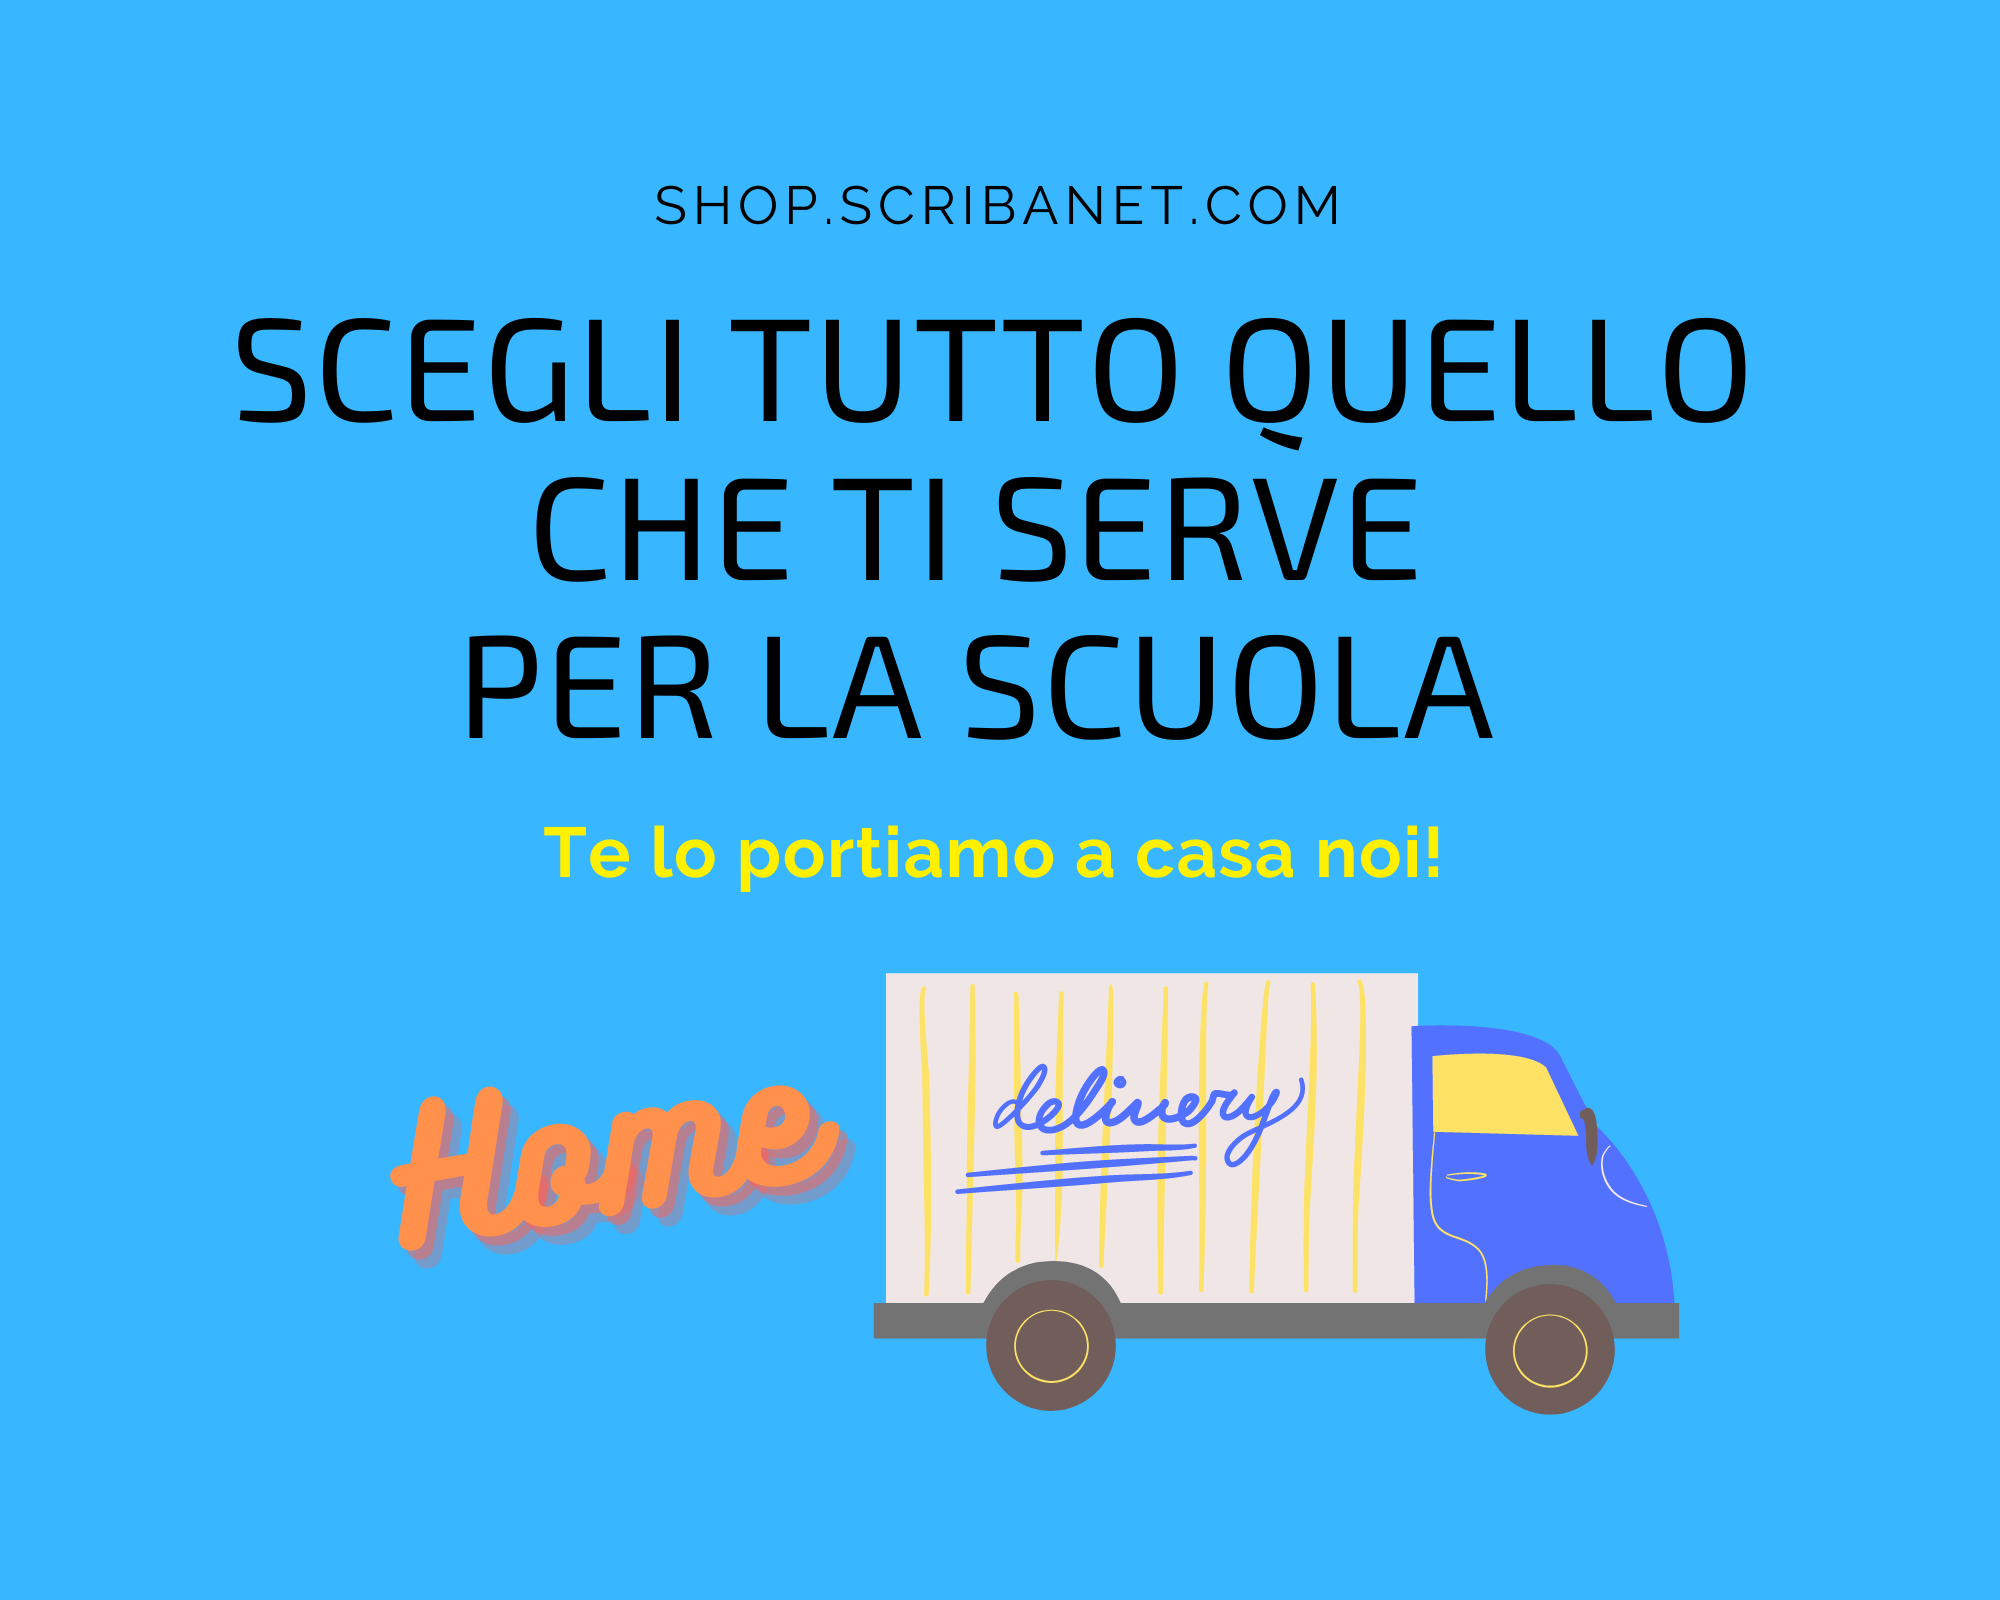 Servizio di Home delivery